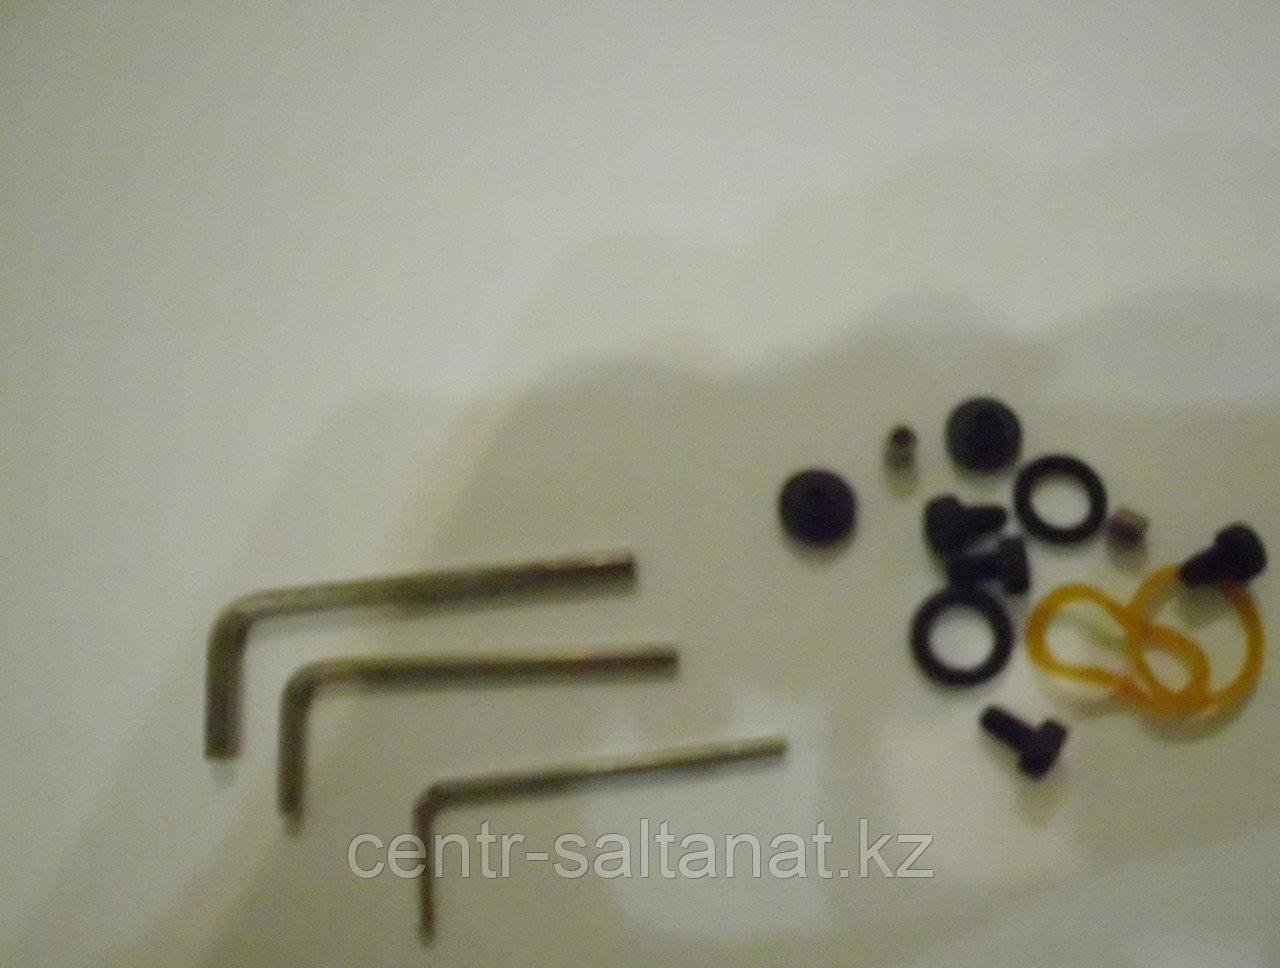 Комплект ключей шестигранников для тату машинки